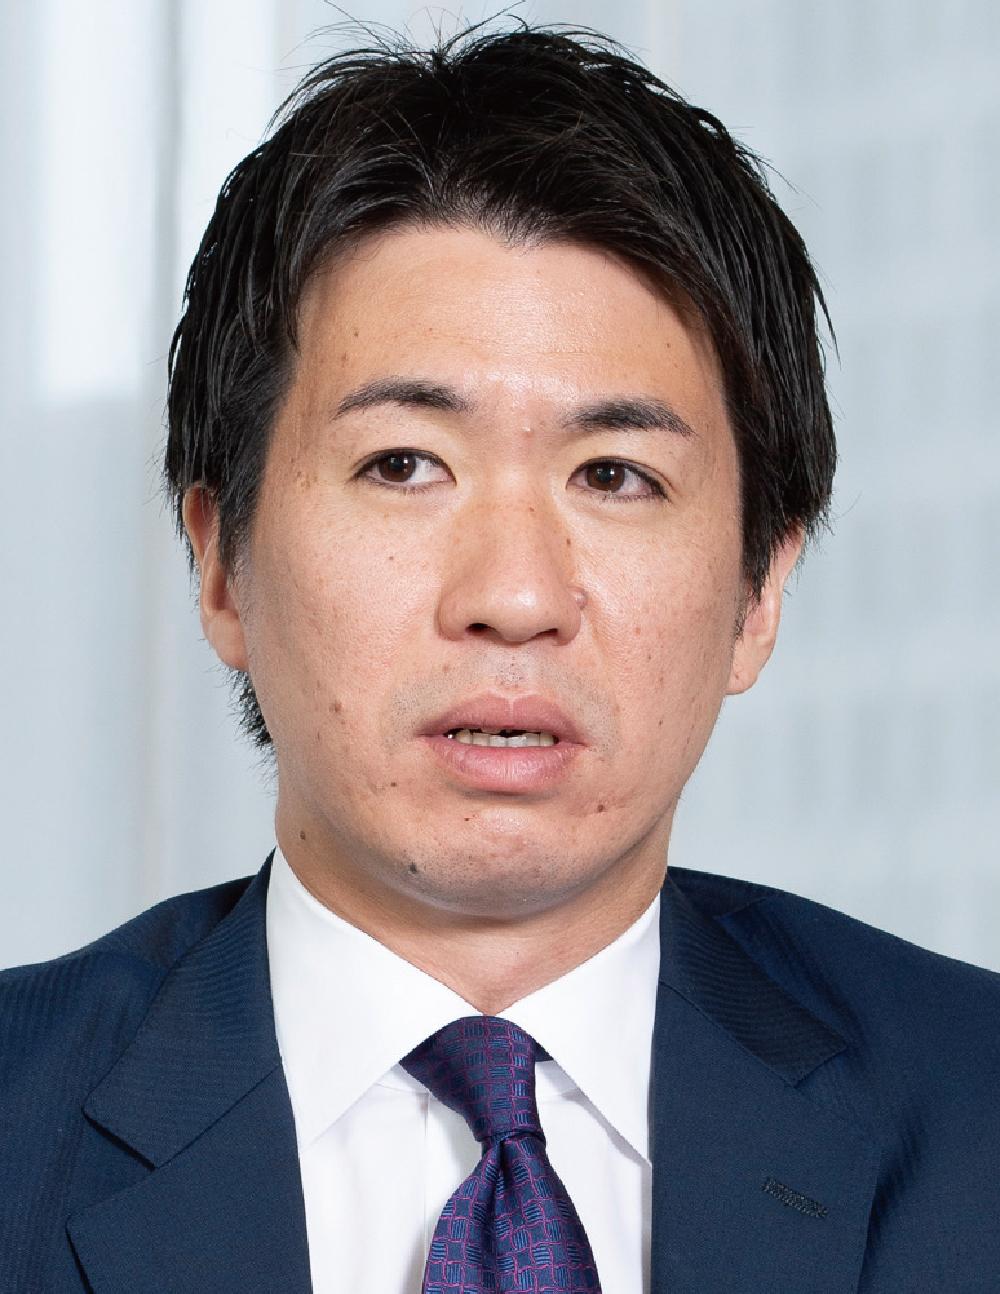 野村證券株式会社 法務部/トランザクション・リーガル部